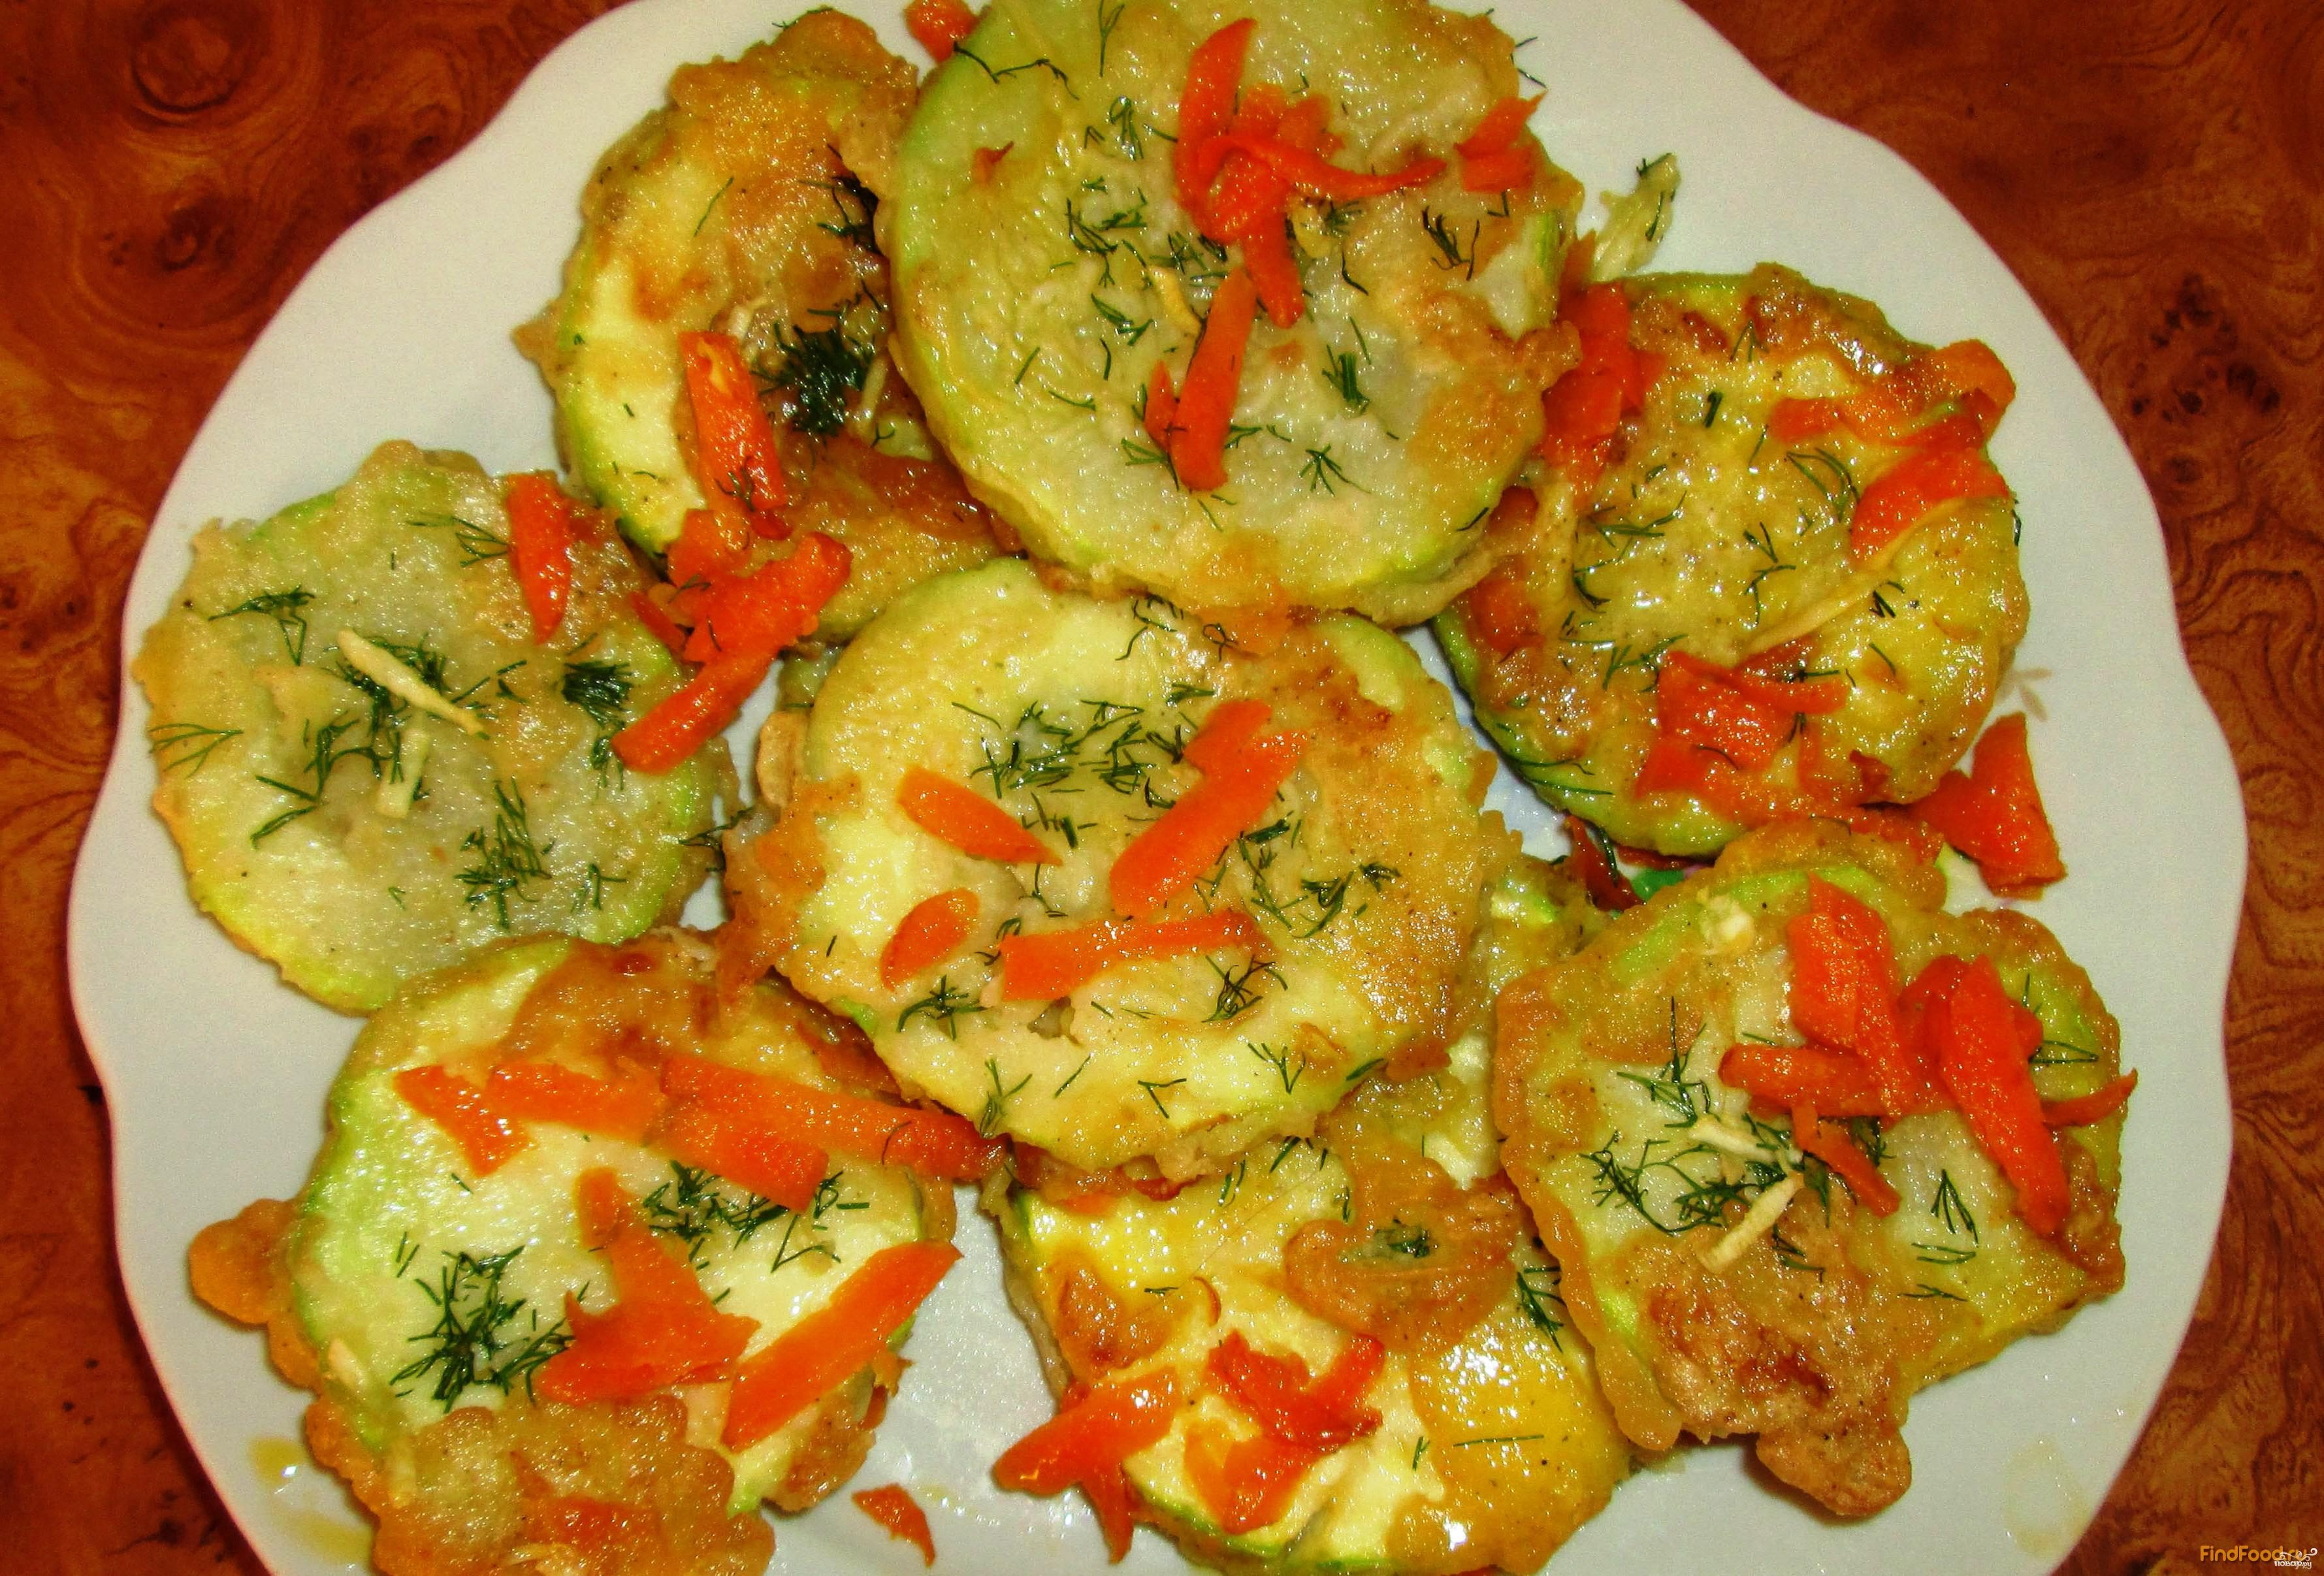 кабачок рецепты приготовления на сковороде с чесноком